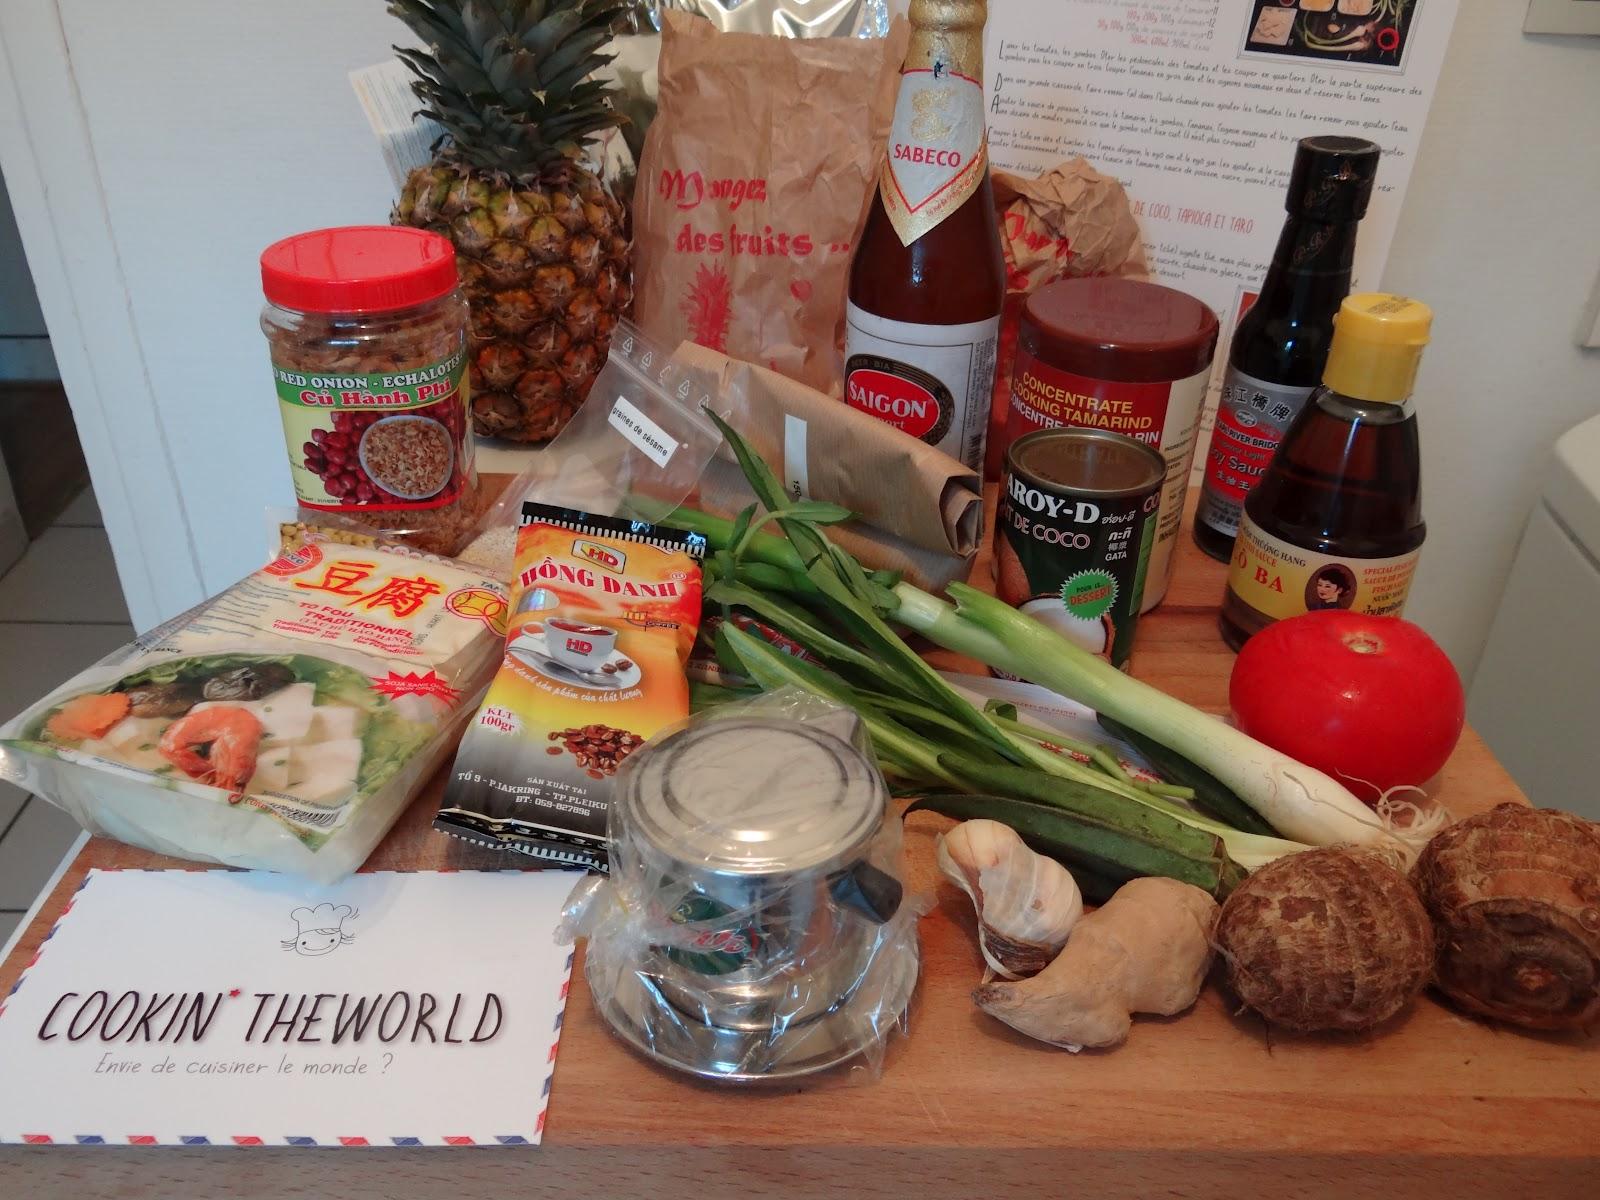 Panier Cuisine Du Monde Livr Domicile Cookin The